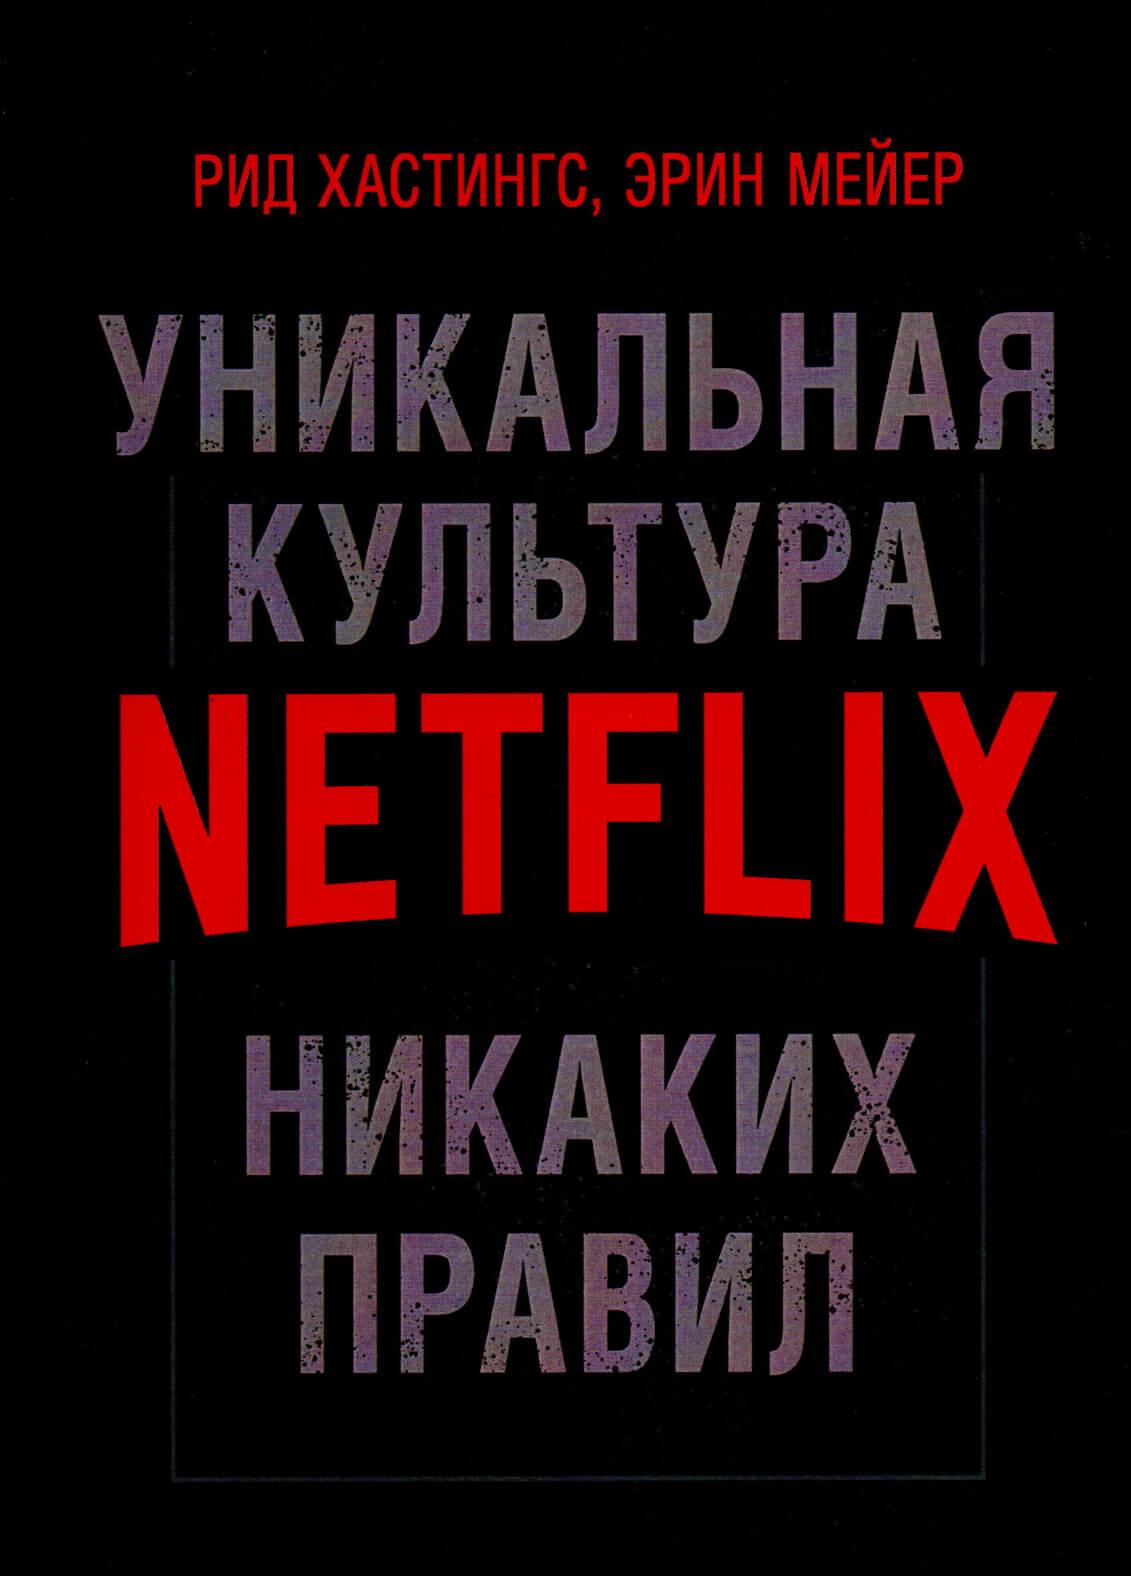 Никаких правил: уникальная культура Netflix